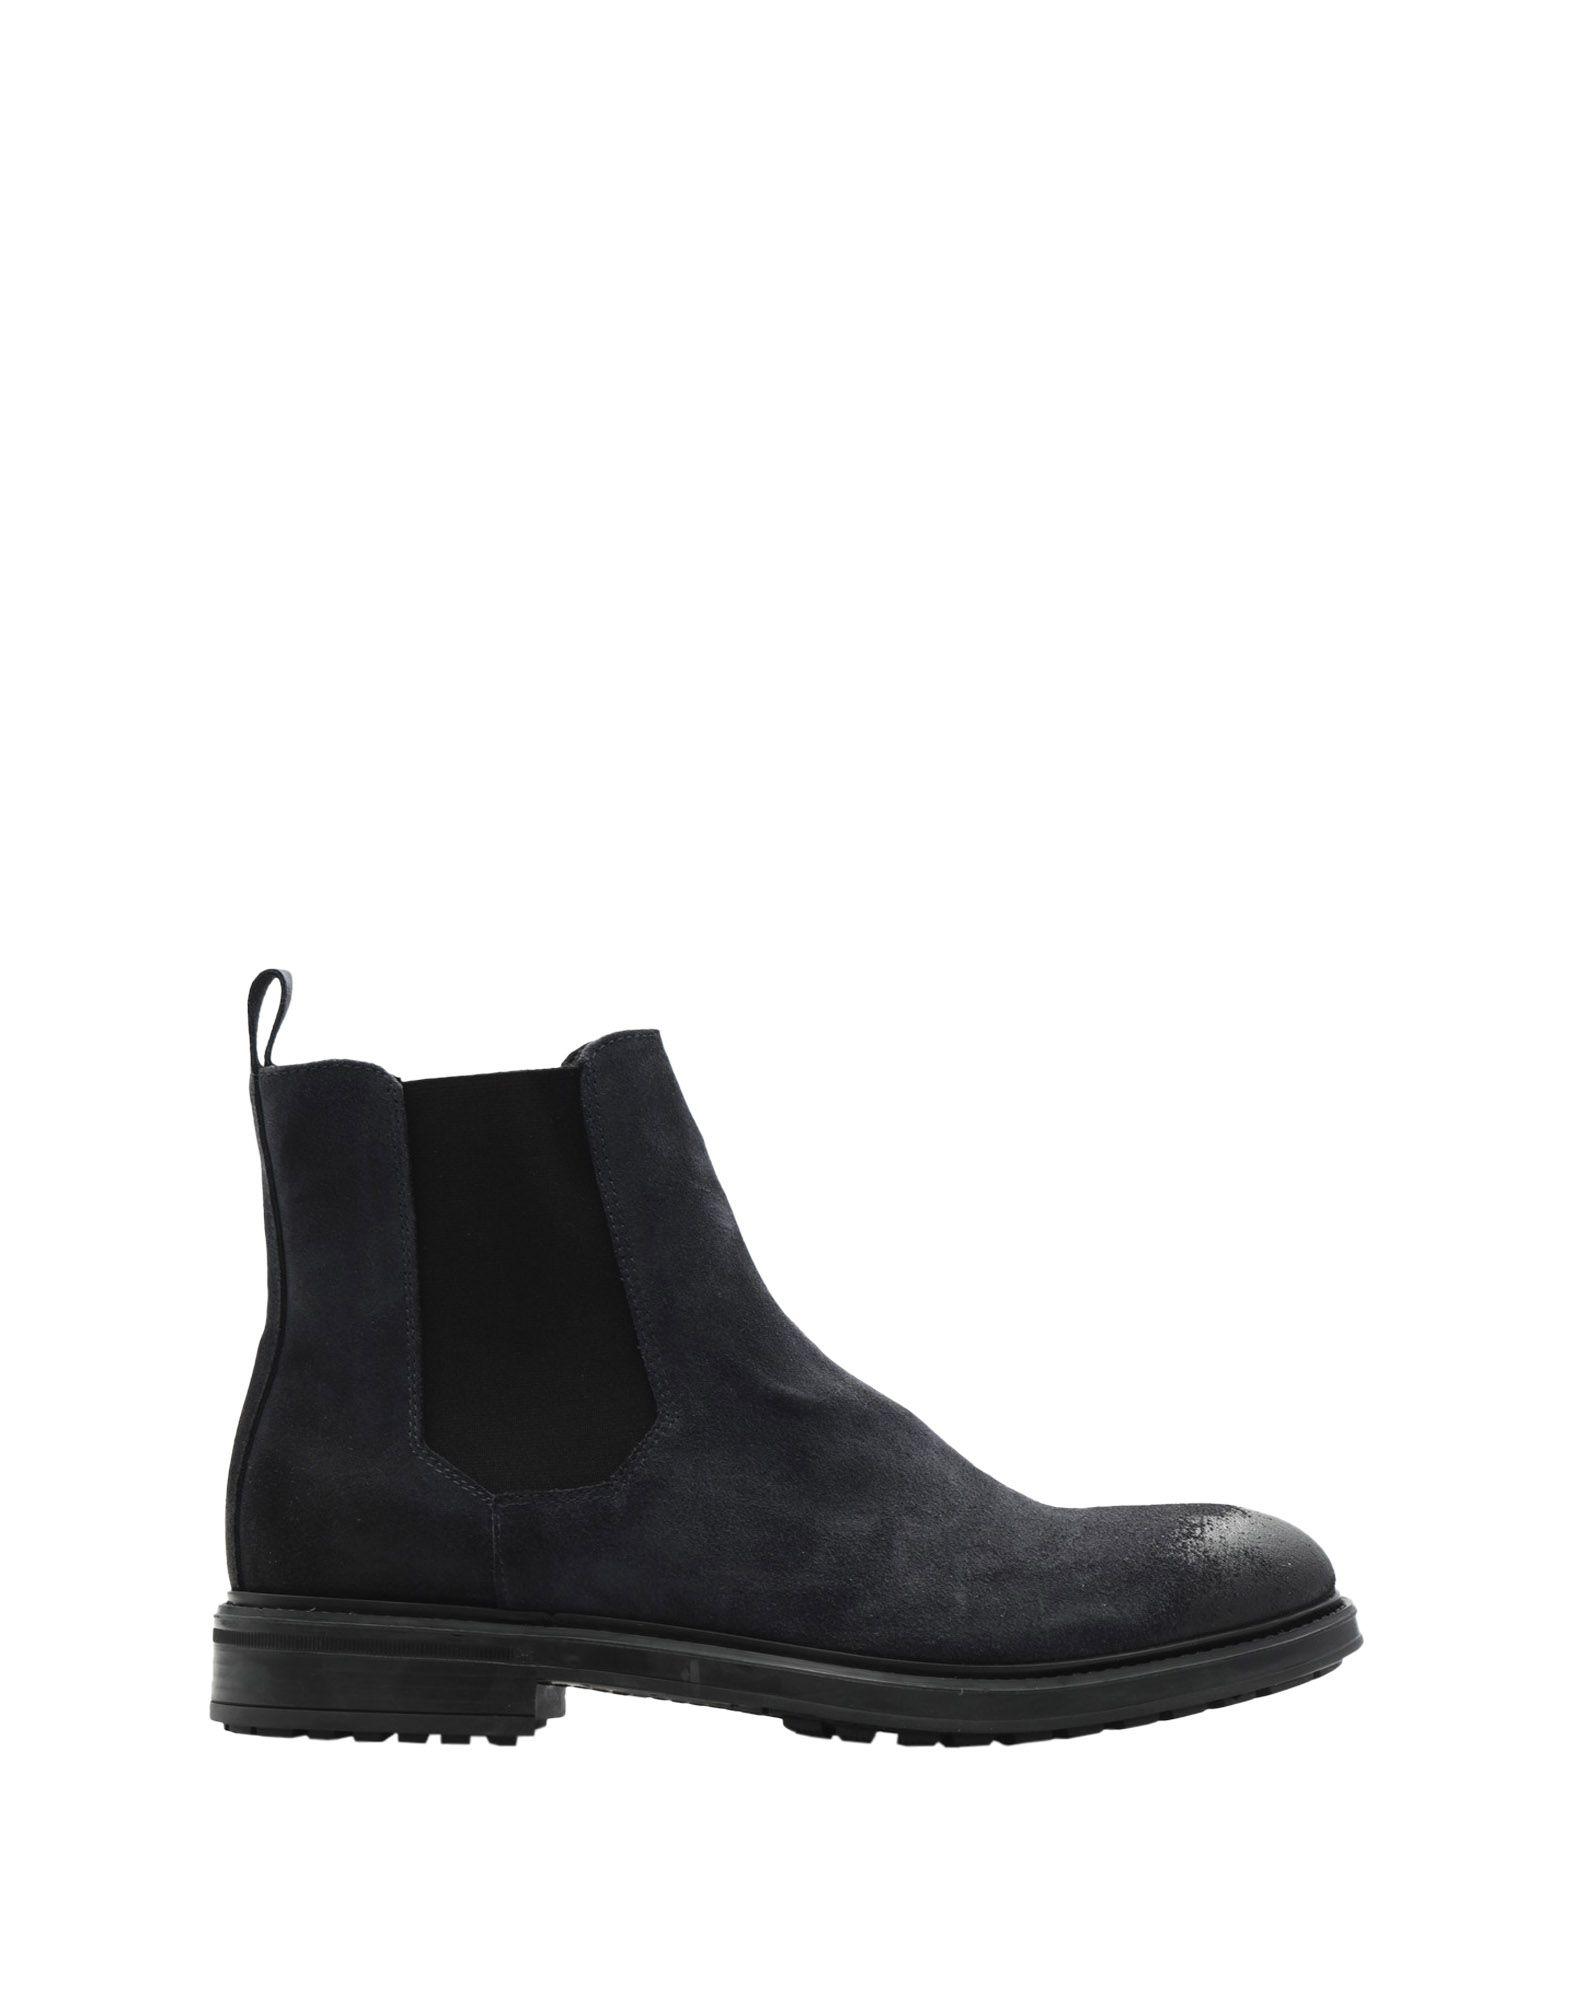 EVEET Boots in Dark Blue